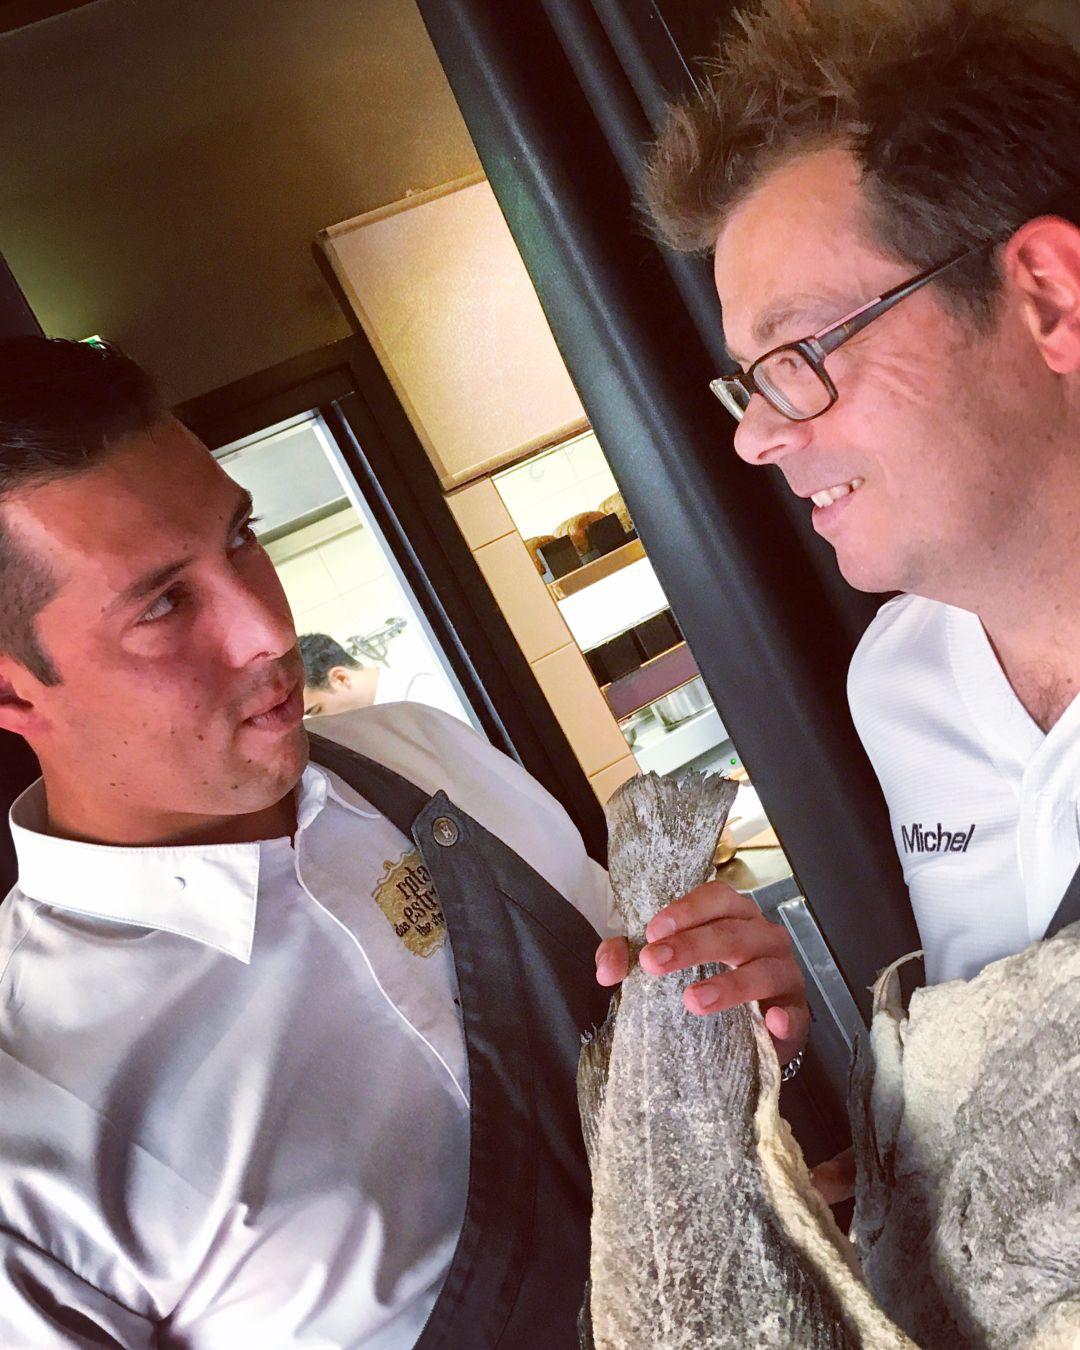 2 chefs